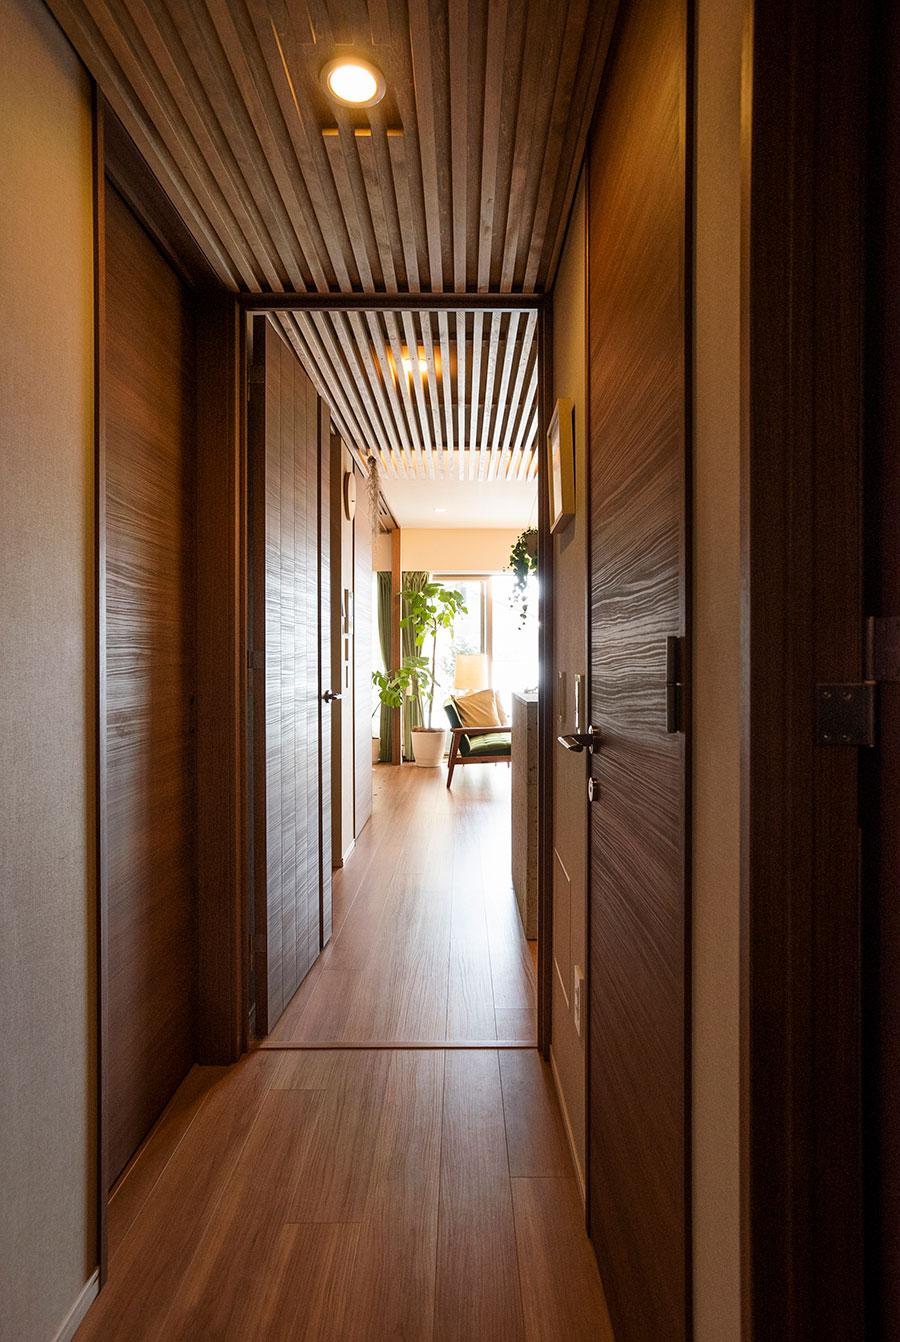 玄関からLDKまで連なったルーバーの天井が、視線をベランダに導く。